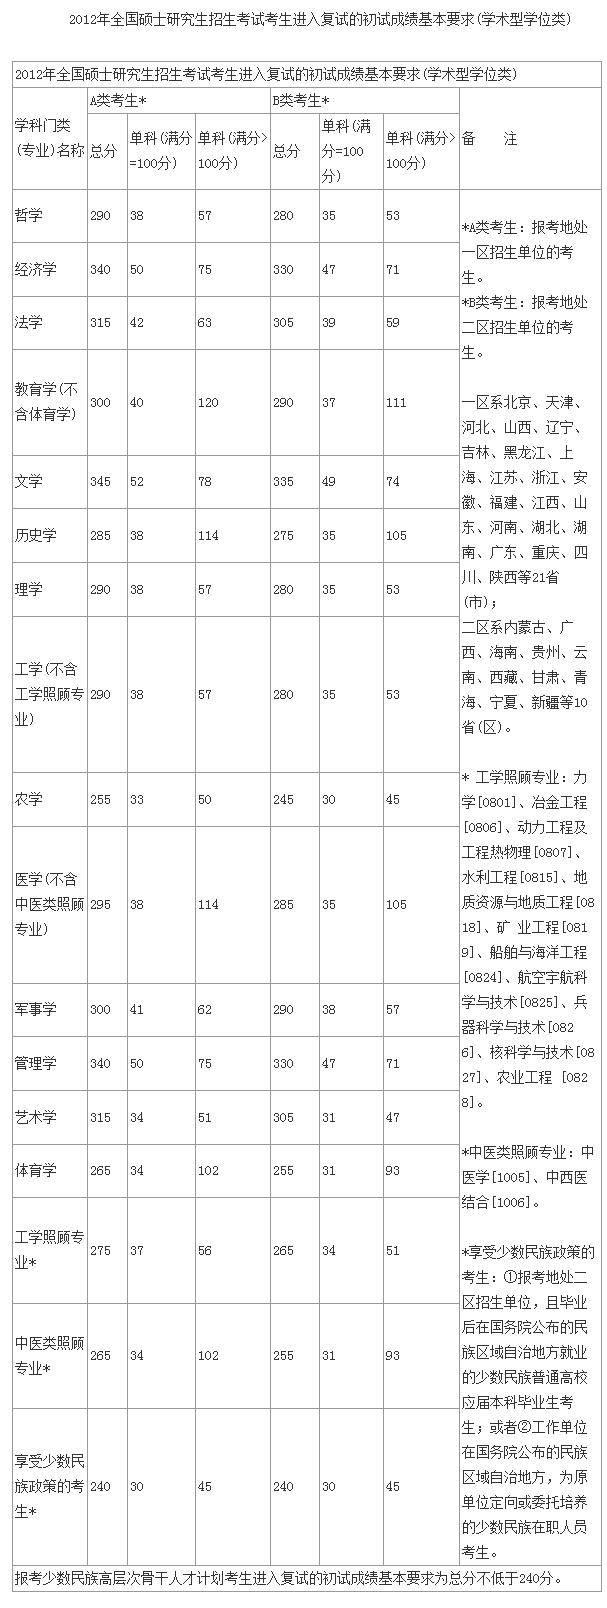 历年考研国家线(2008-2018),考研成绩公布,复试还是调剂?图片